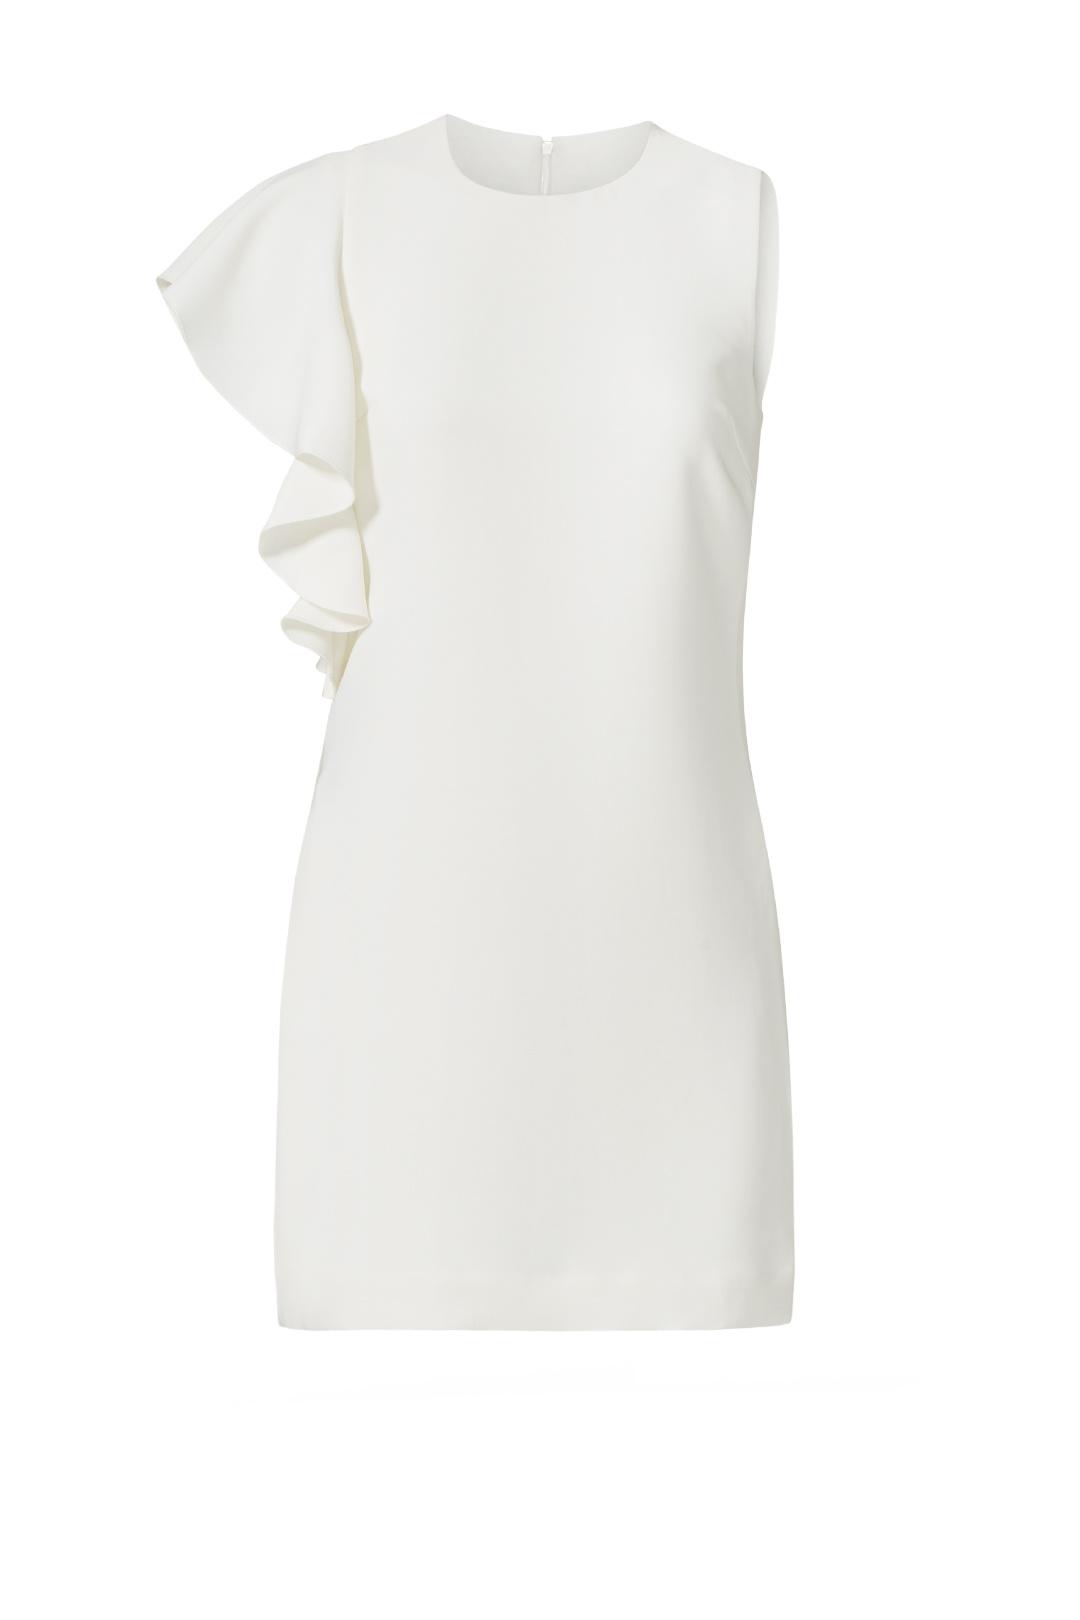 White Ruffle Dress.jpg